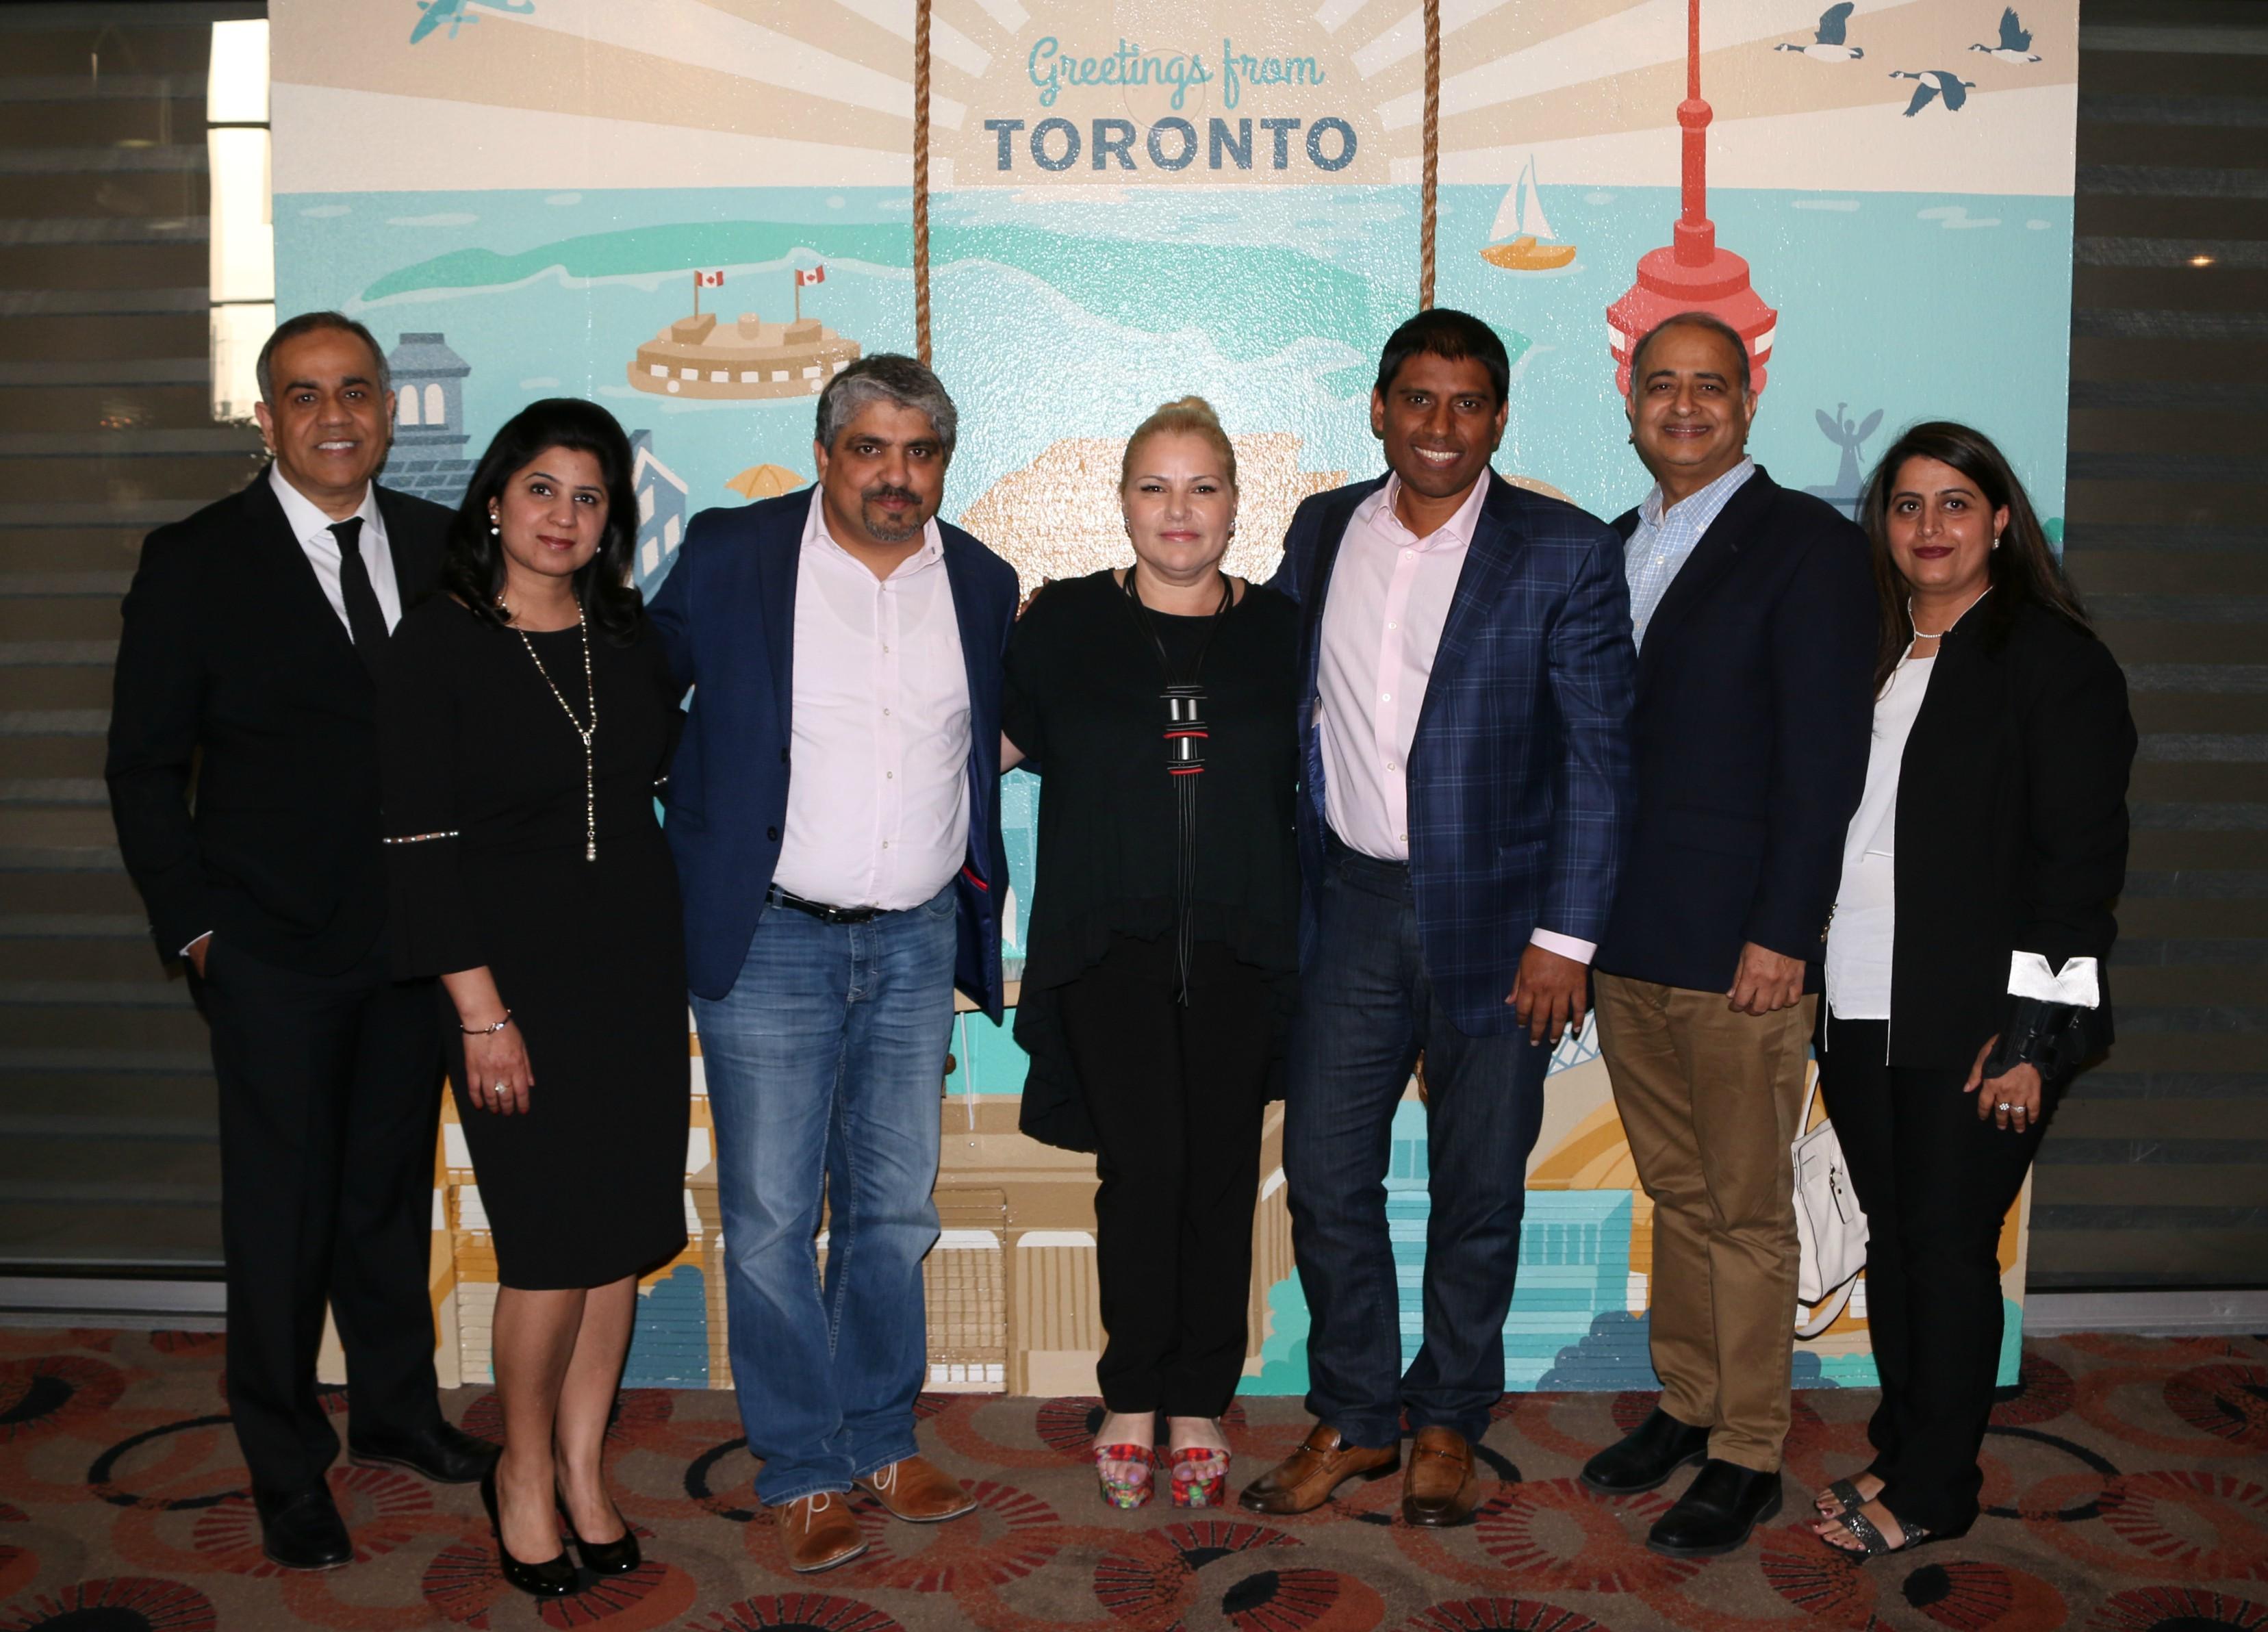 SkyLink's roadshow stops in Toronto